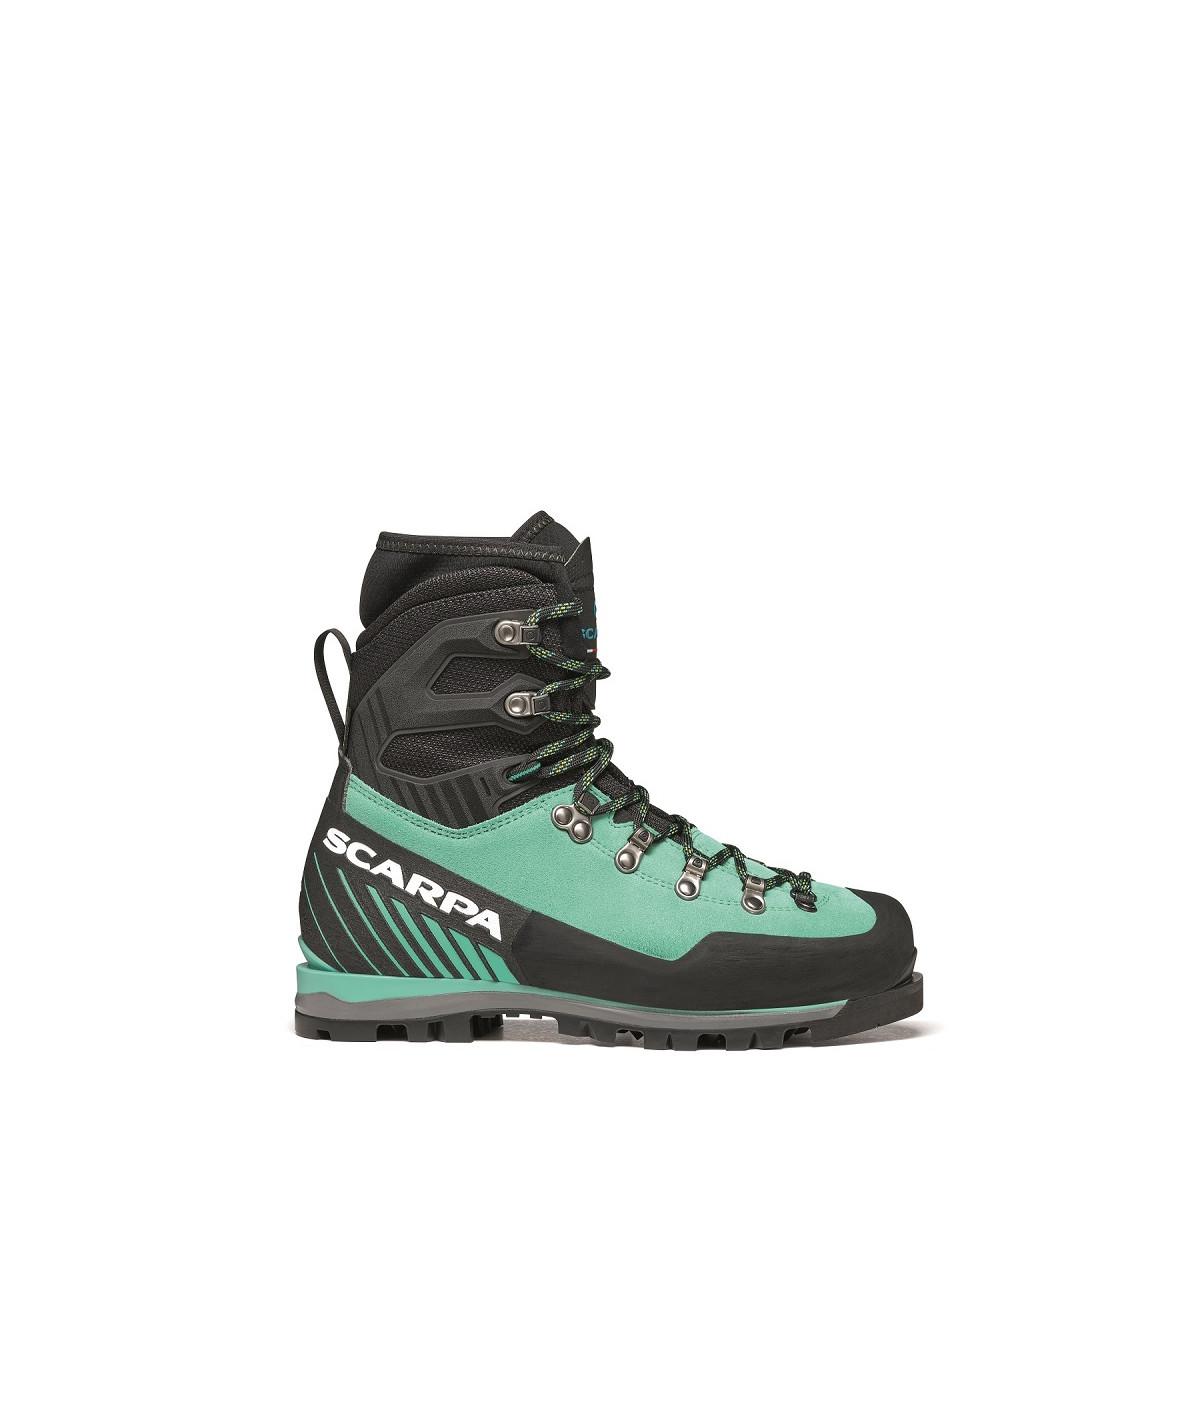 Scarpa Mont Blanc Pro GTX WMN